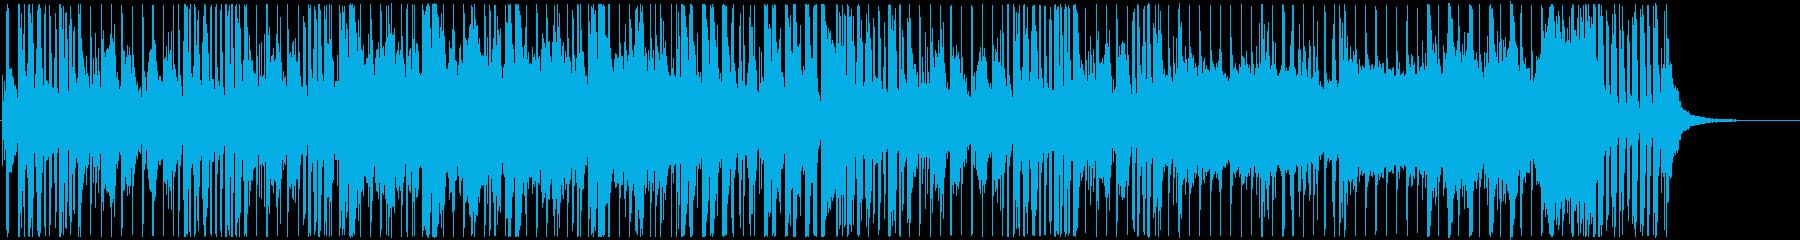 ポップでわくわくするレース曲の再生済みの波形